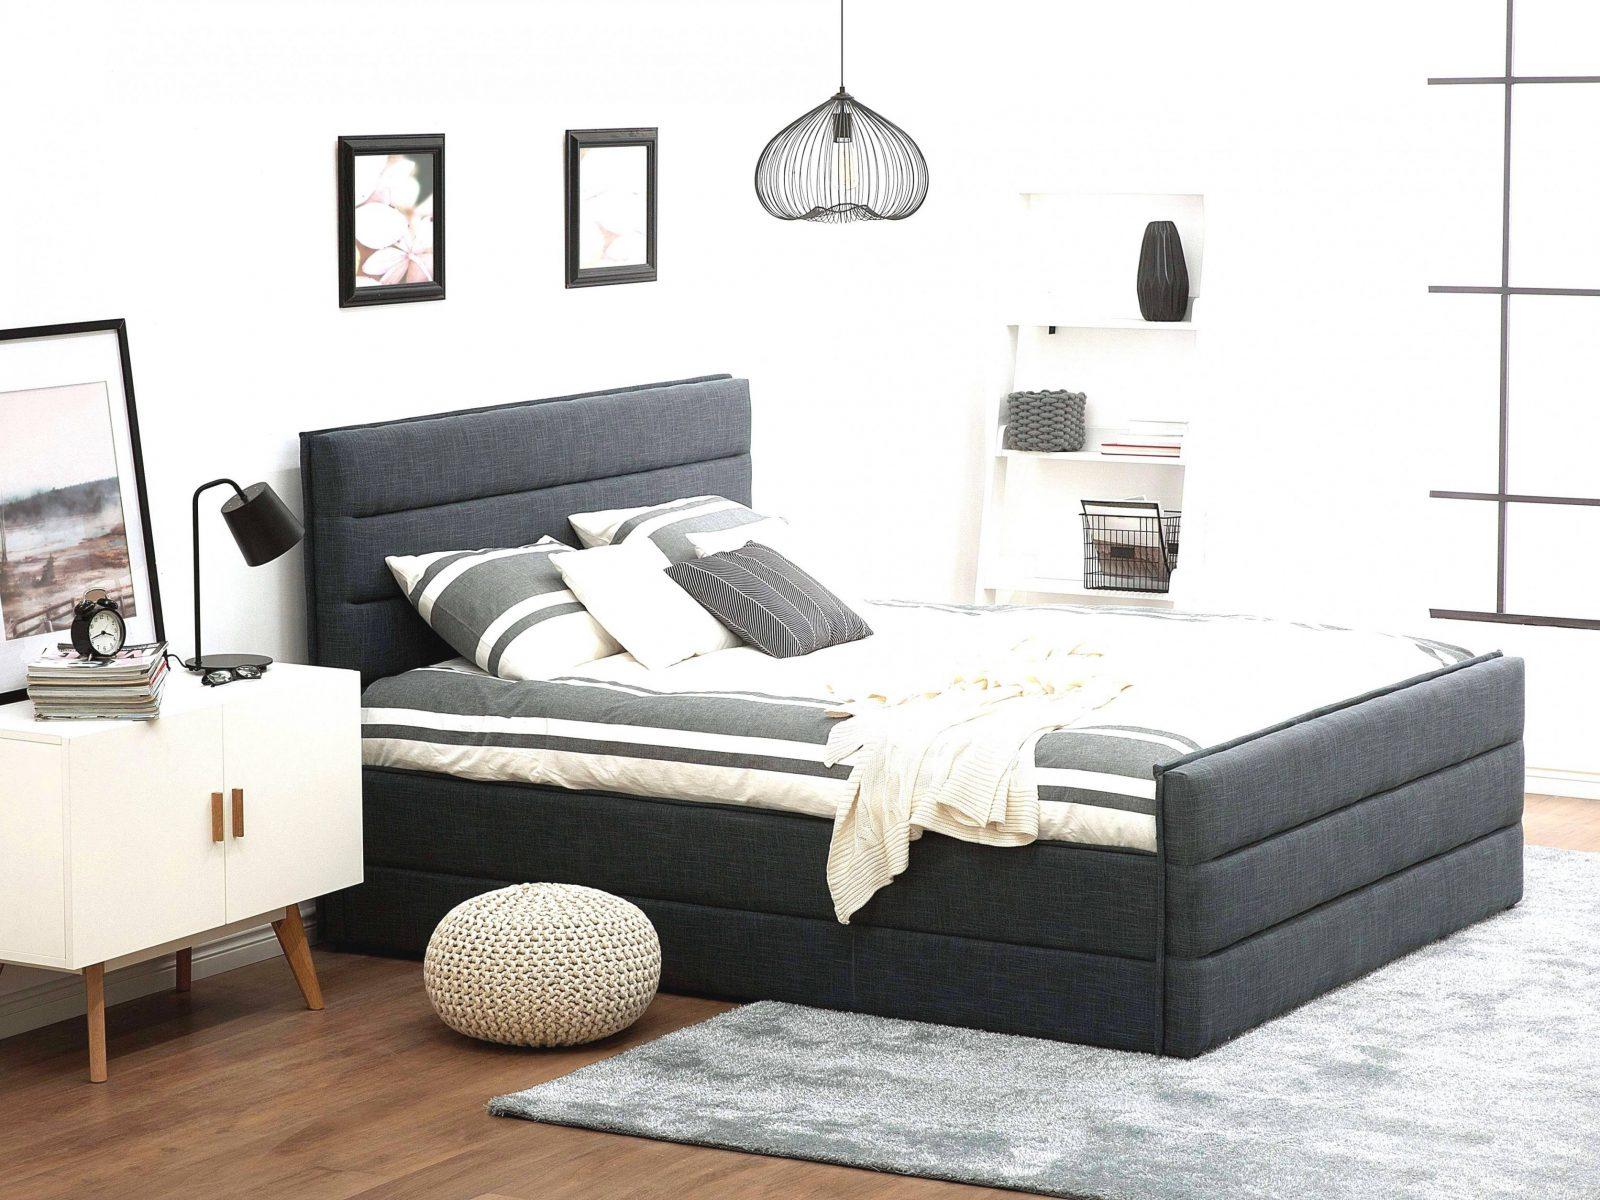 Frisch 32 Komplett Bett 120X200 Ideen Wohnträume Verwirklichen Ideen von Komplett Bett 120X200 Bild